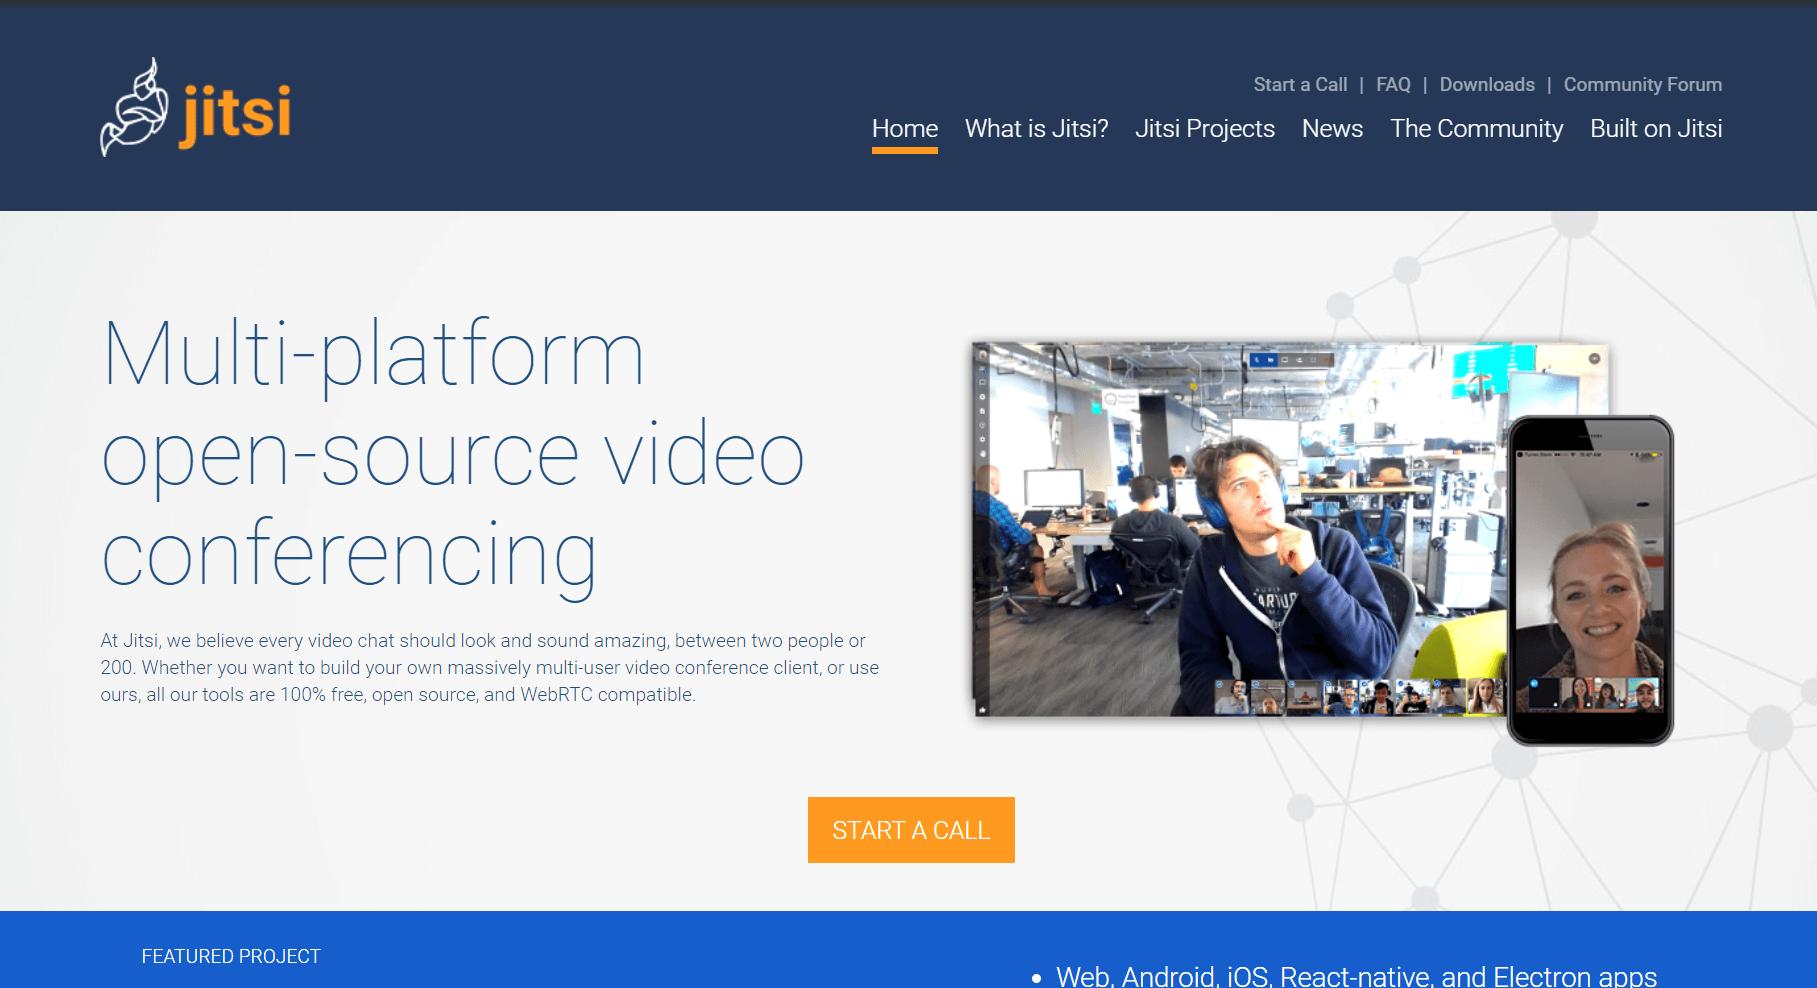 Jitsi per video konference